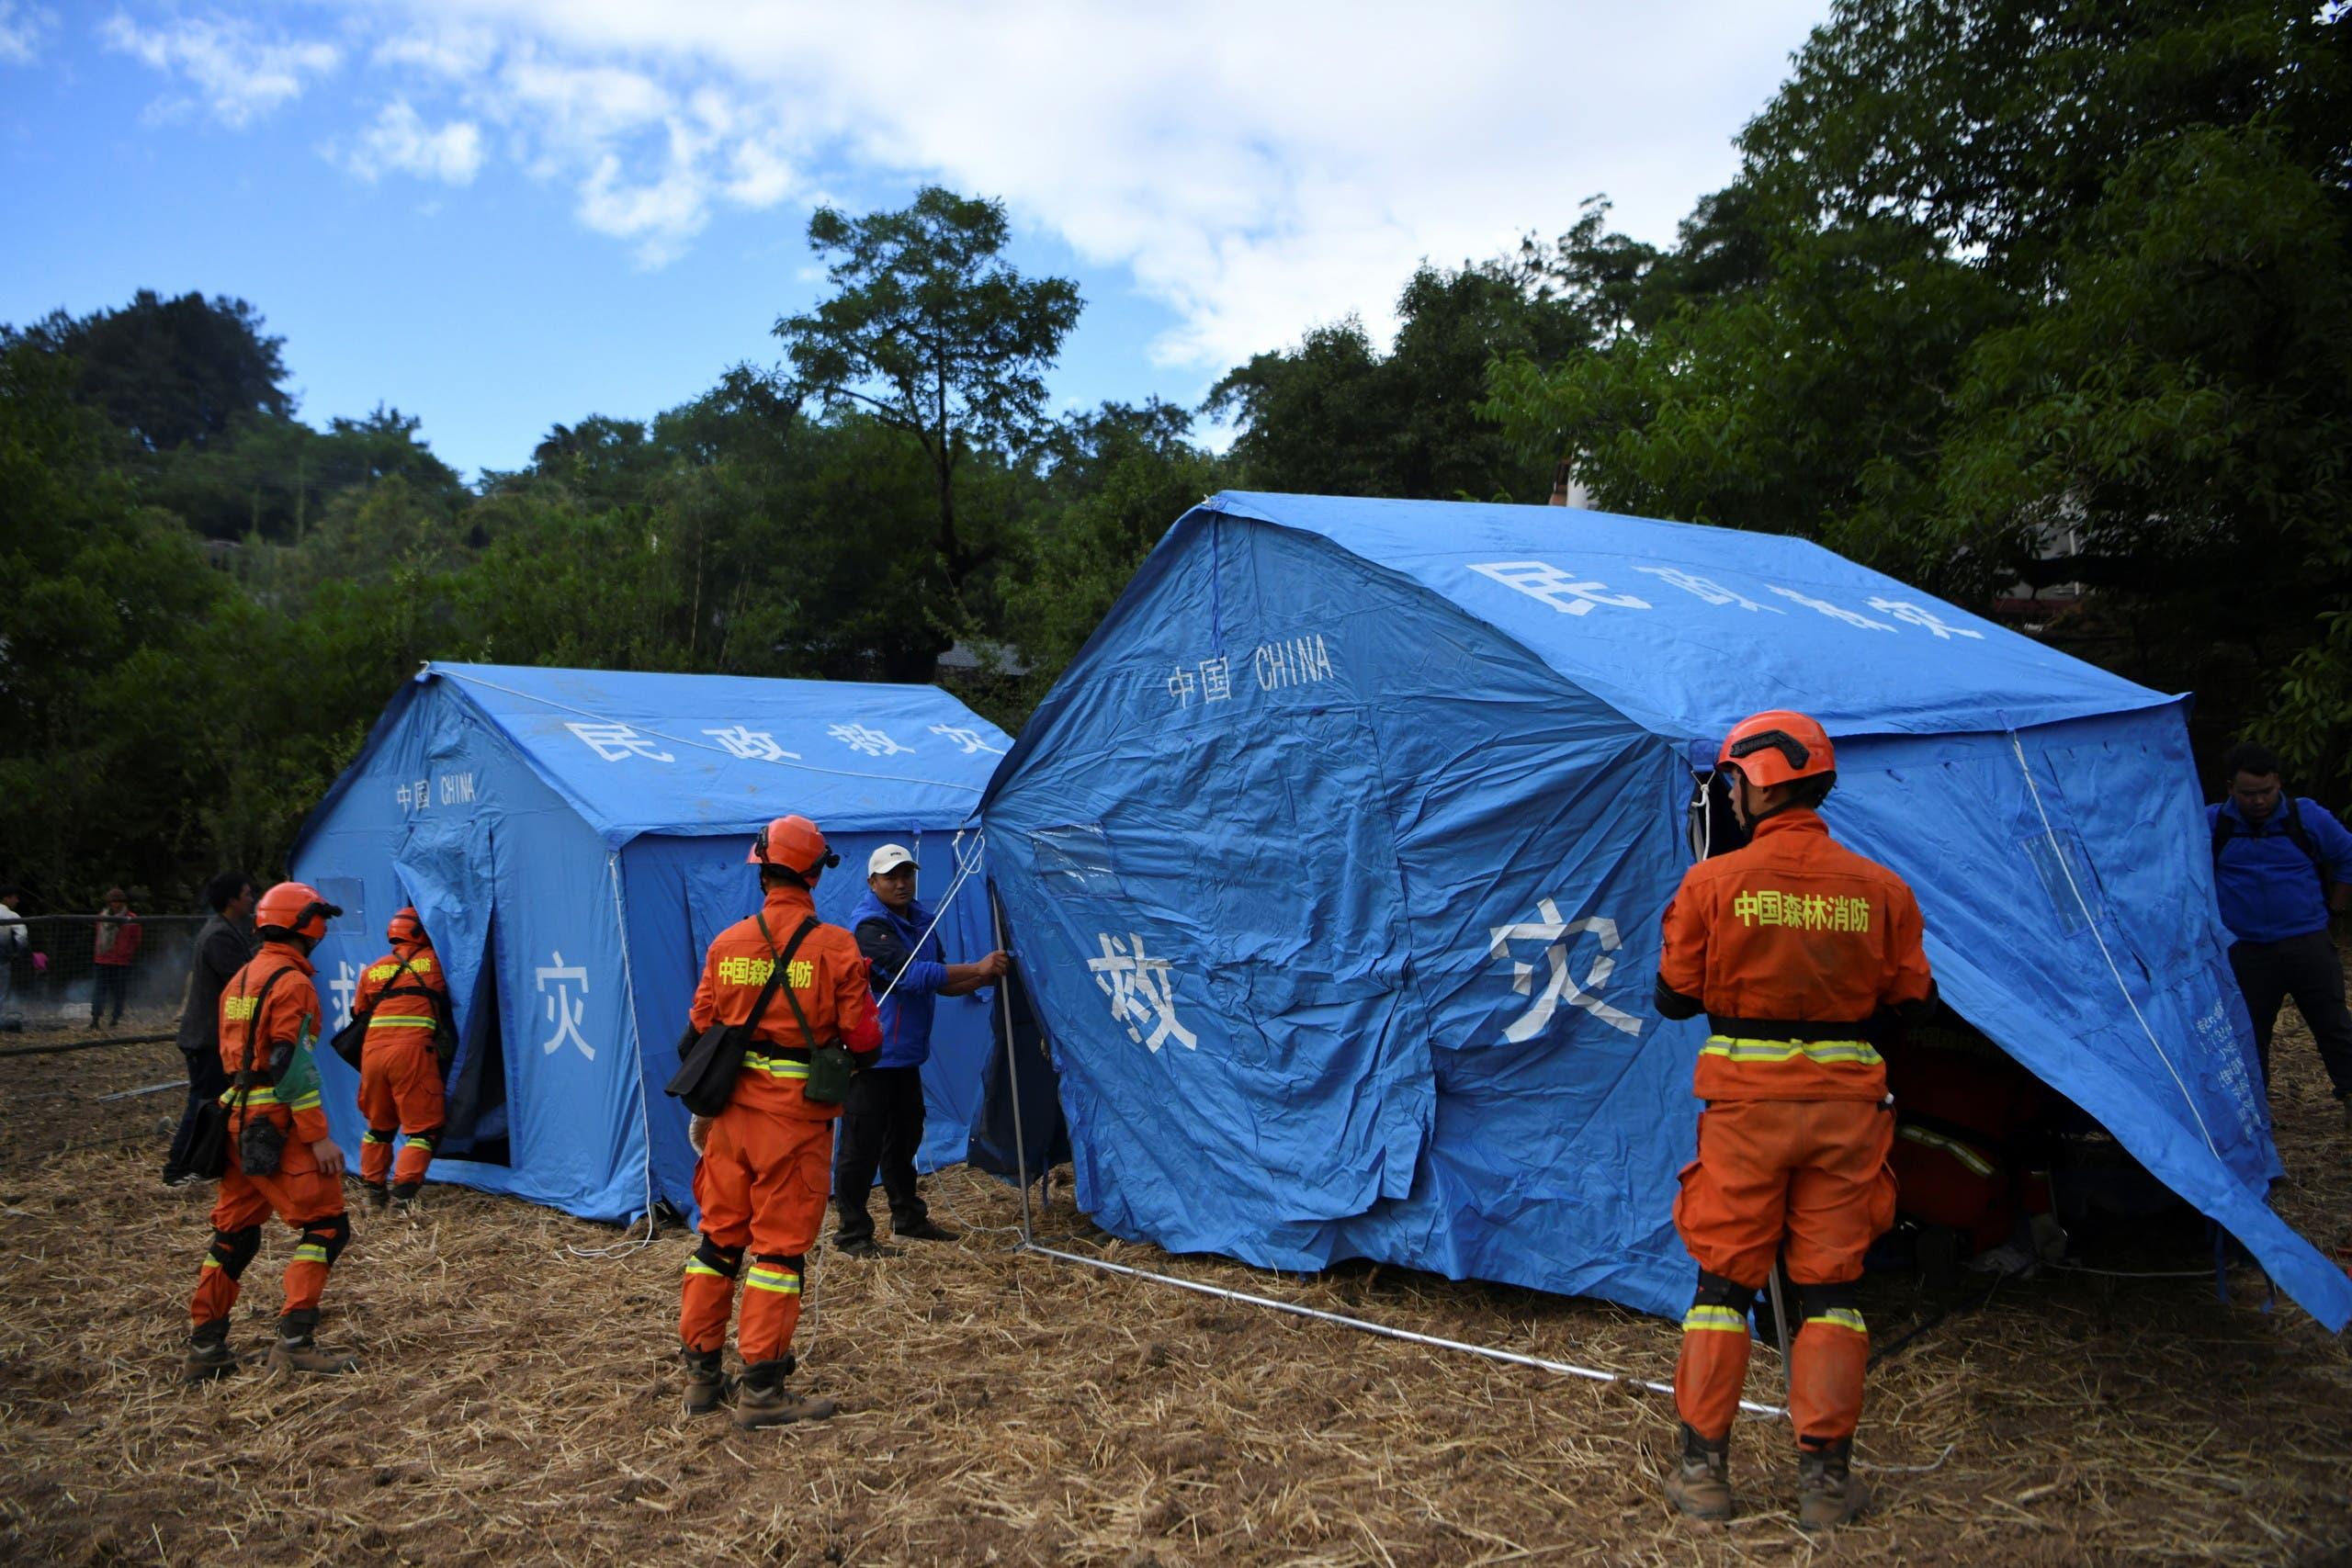 عمال الإغاثة ينصبون الخيام عقب الزلزال